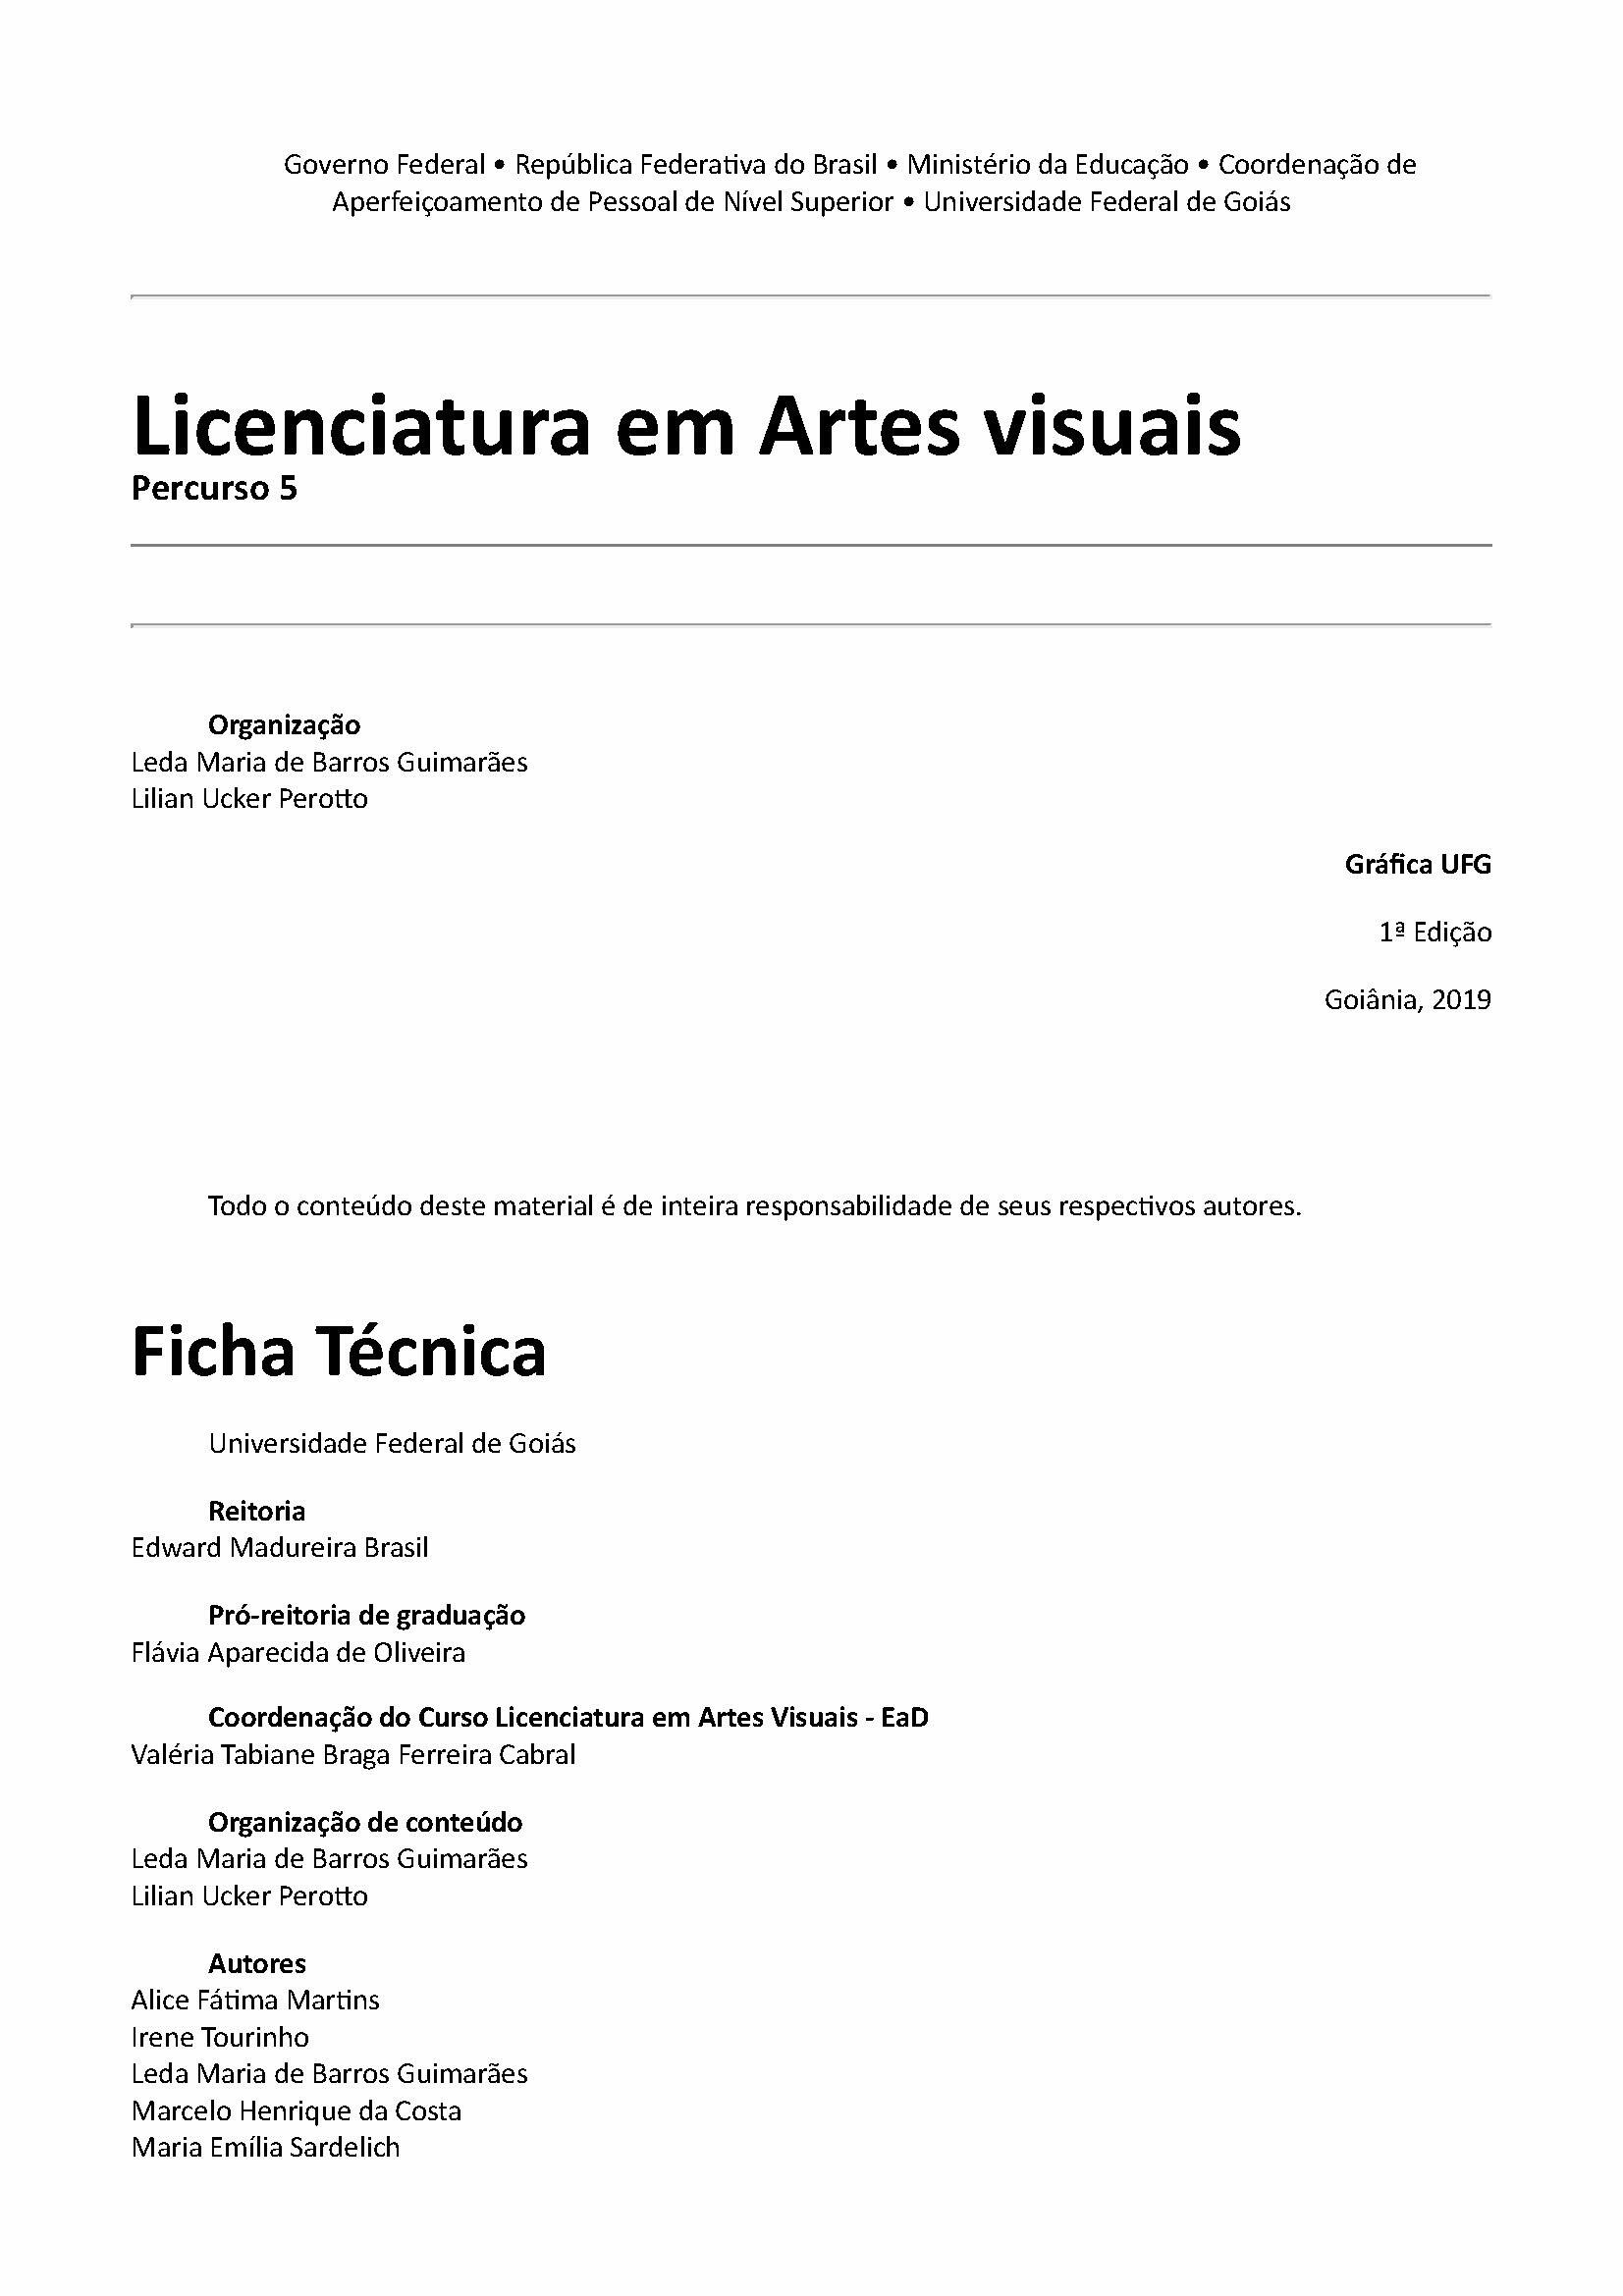 capa Licenciatura em Artes visuais -Percurso 5